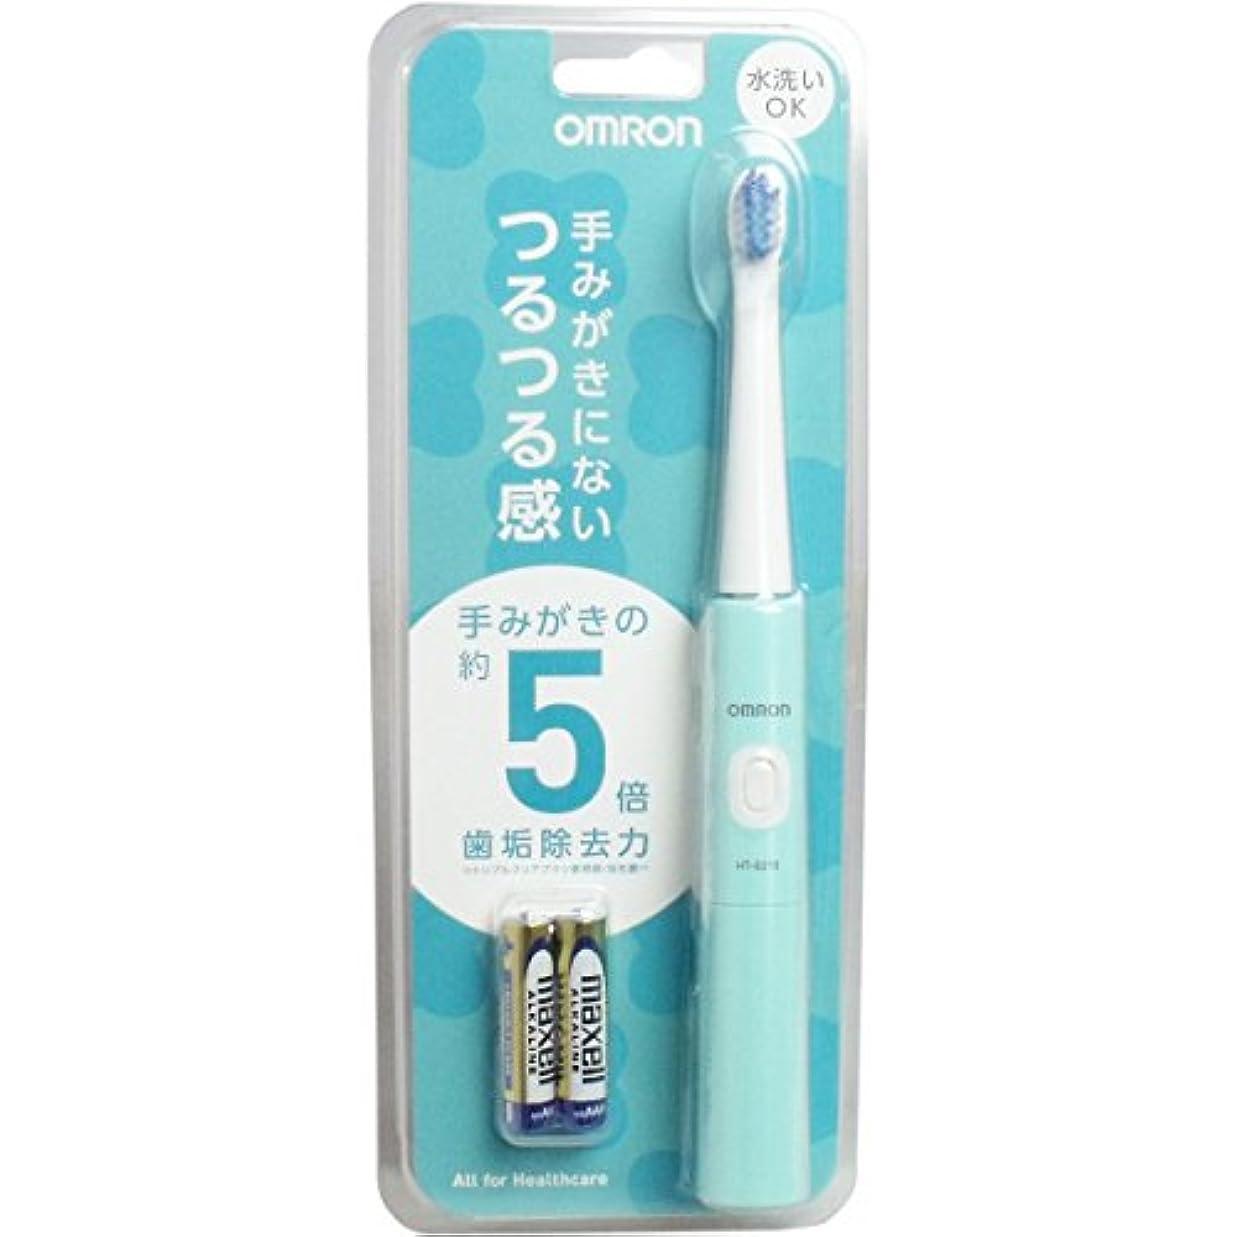 マイクロフォン露トランスミッションオムロンヘルスケア 音波式電動歯ブラシ ミントグリーン HT-B210-G